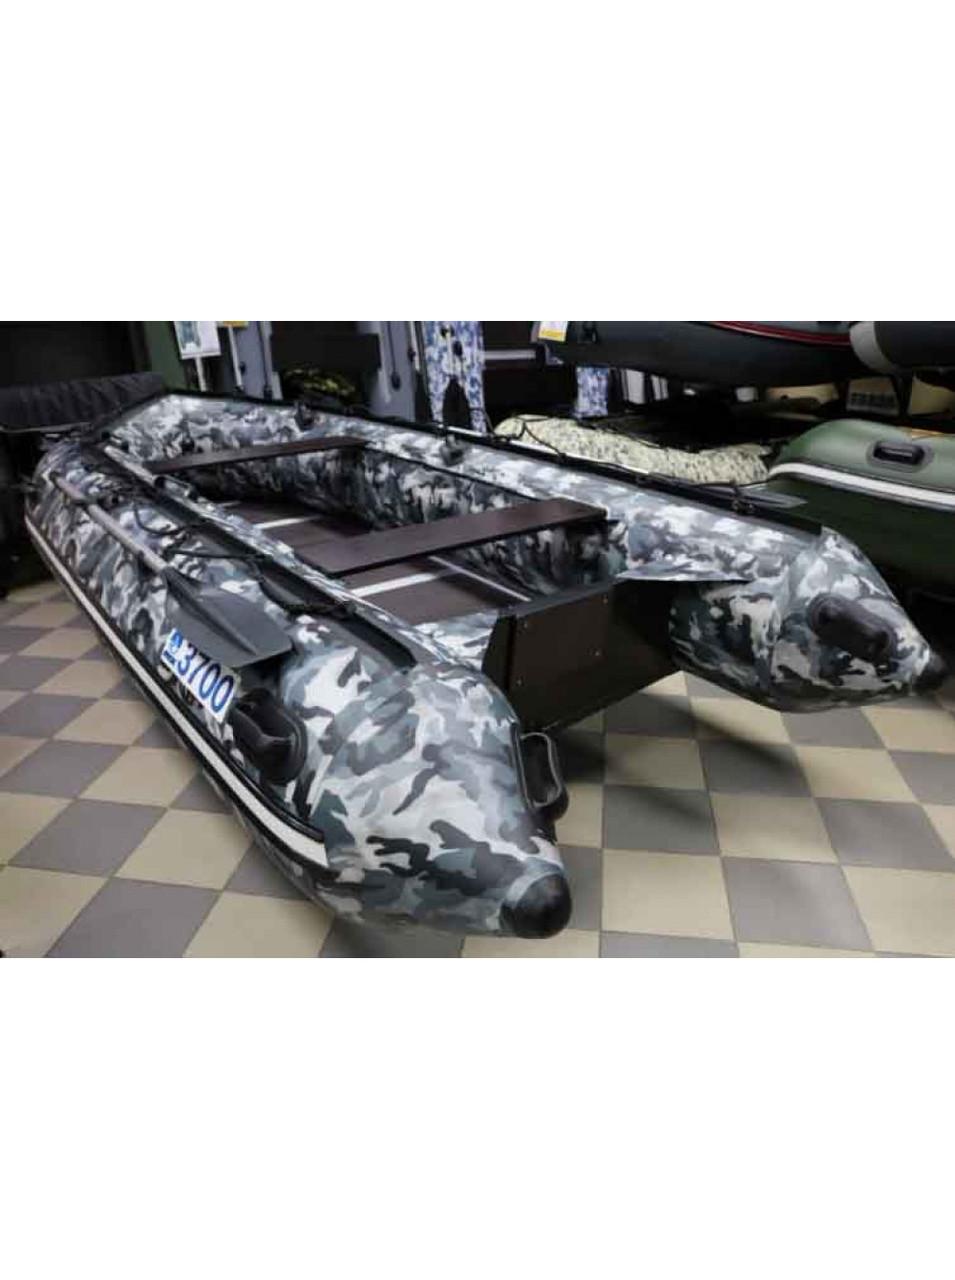 Лодка Apache 3700 СК барс